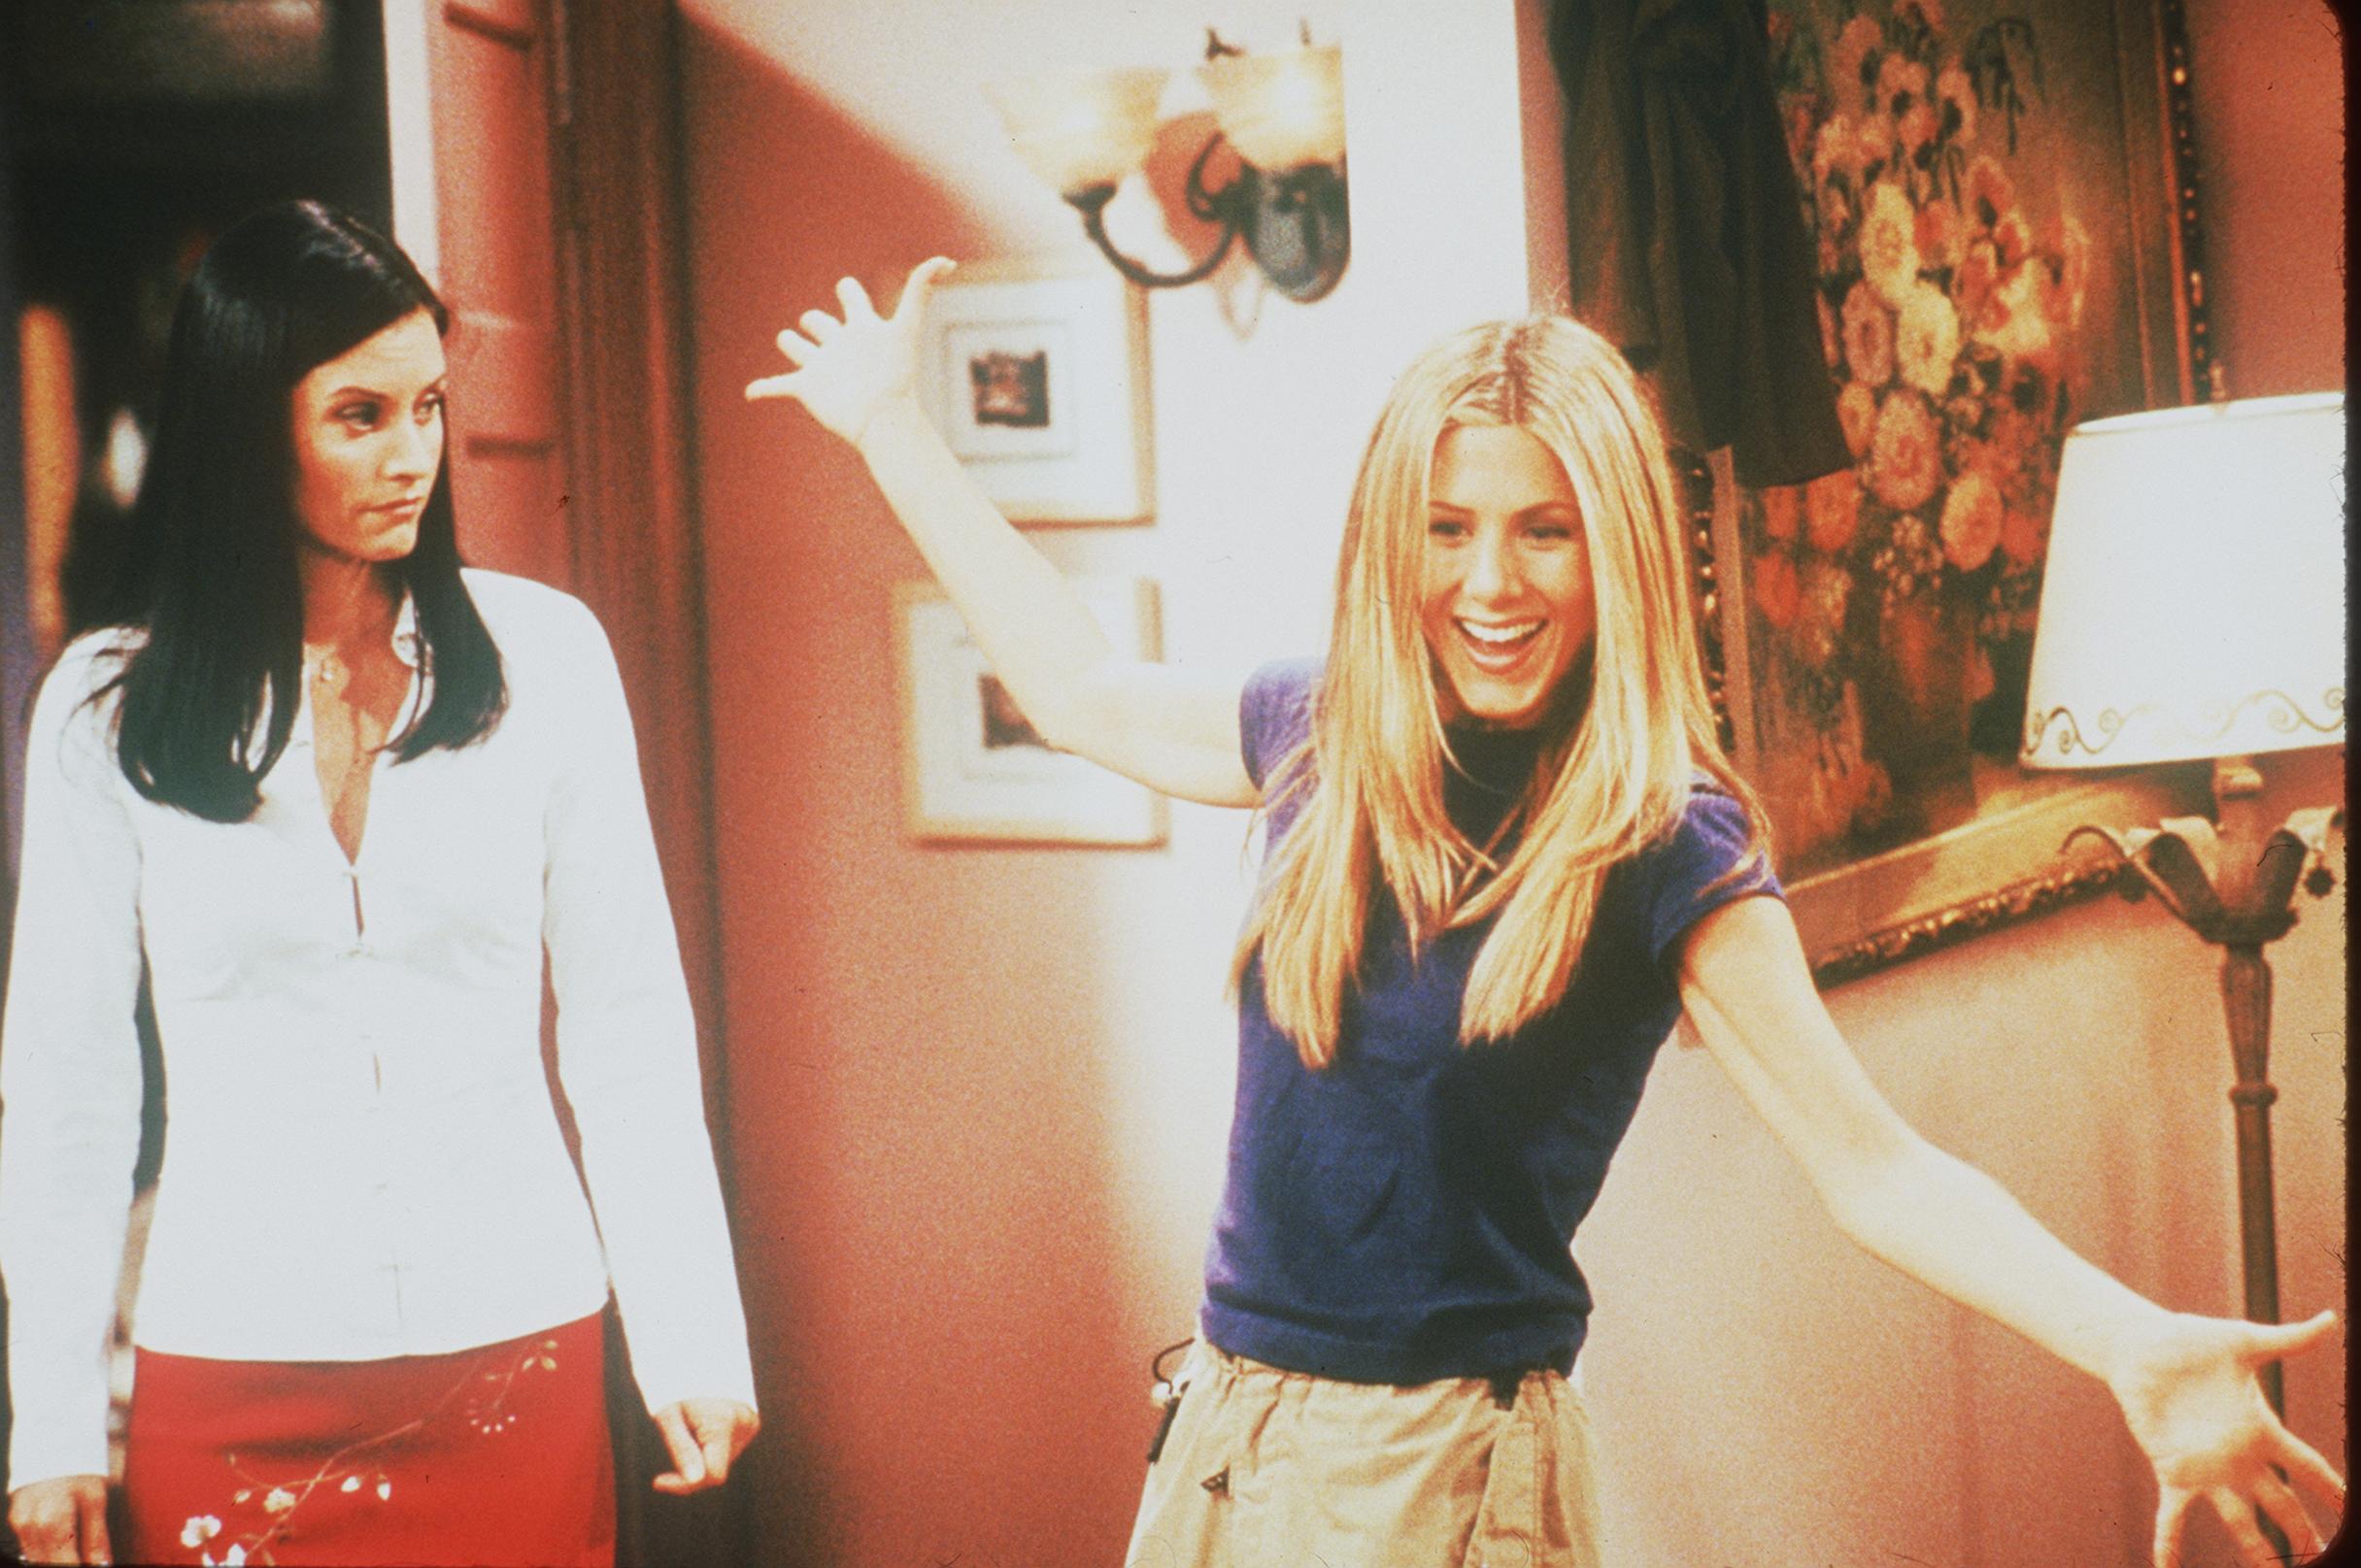 <p>Дженифър Анистън и противоречивият ѝ личен живот - Джен беше омъжена за Брад Пит, докато снимаше &quot;Приятели&quot; и всички знаем много добре как завърши тази любов, за която се говори и до днес. Повечето хора са убедени, че Брад я е напуснал, след като се е запознал с Анджелина Джоли по време на снимките на &quot;Мистър и мисис Смит&quot;, а призракът на тази връзка продължава да преследва Анистън, а на нея ѝ се налага да обяснява в почти всяко свое интервю, че всичко това е останало отдавна в миналото и ѝ се иска хората да говорят за работата ѝ, а не за личния живот.</p>